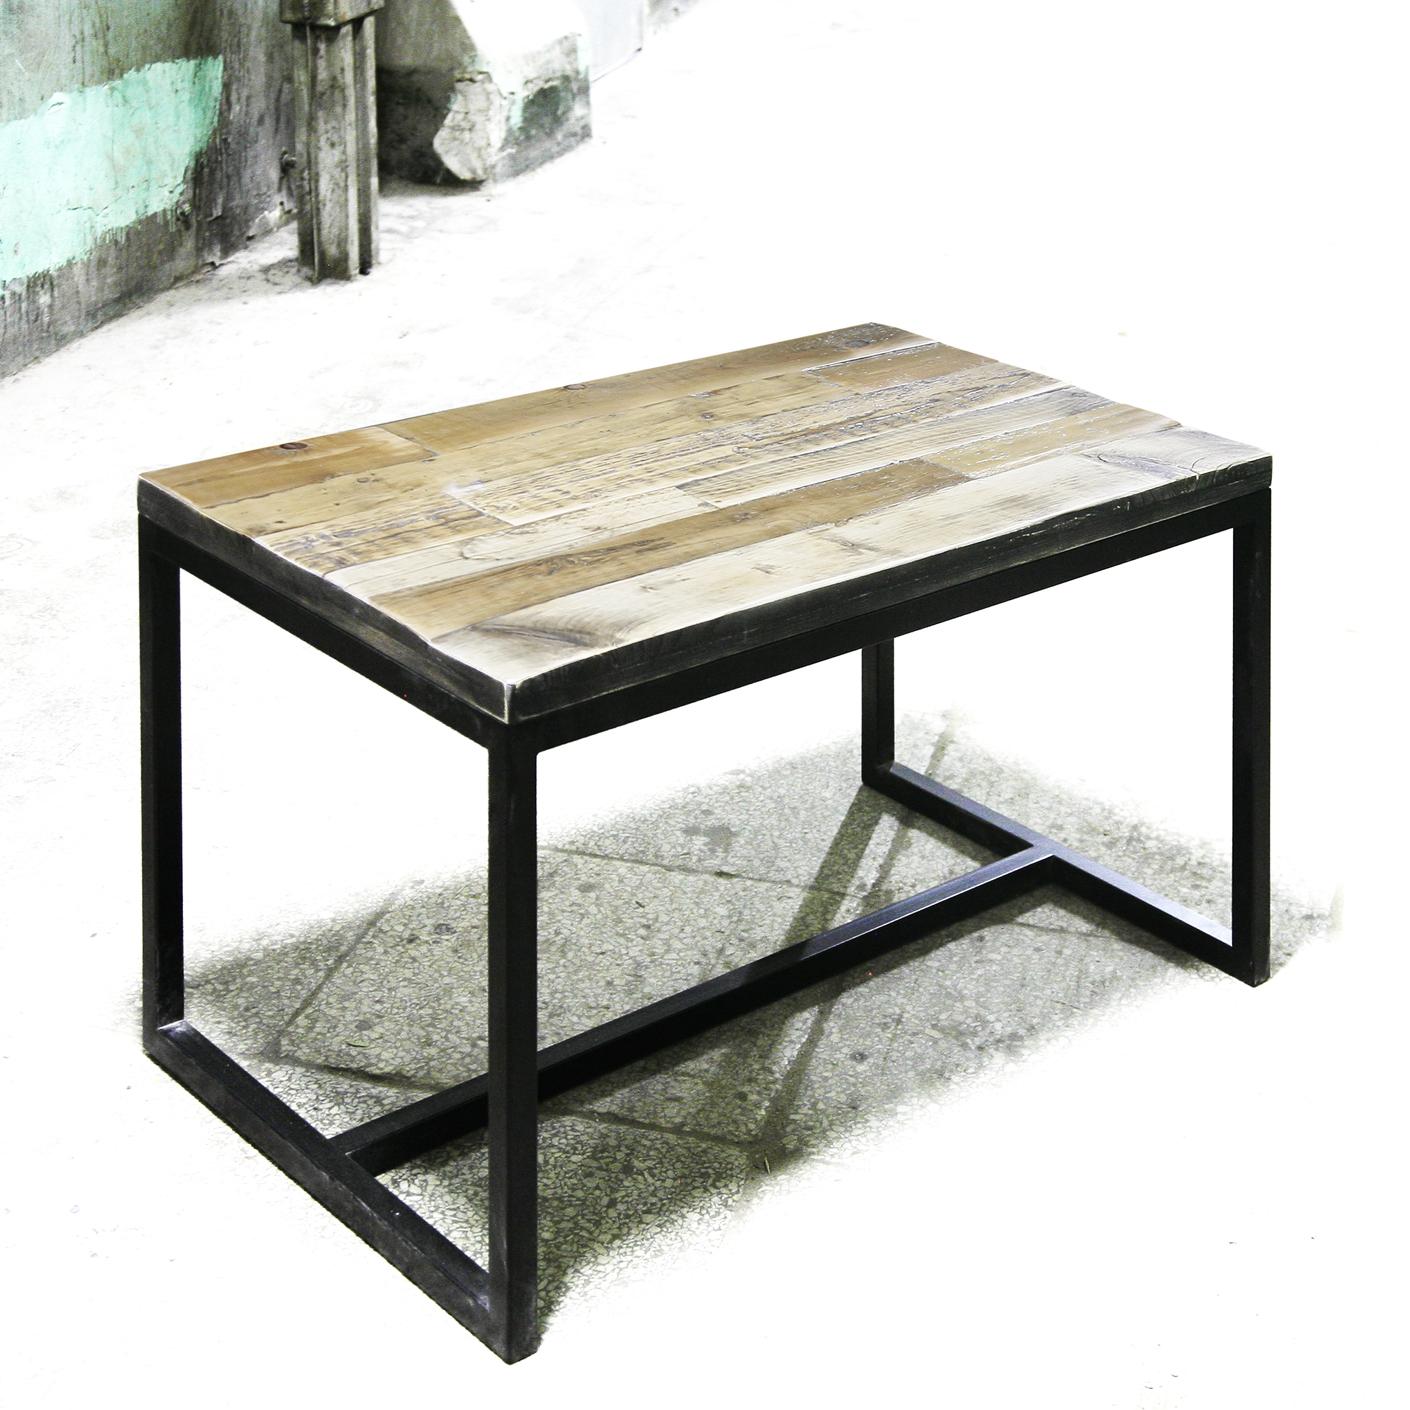 Стол обеденный MetalframeОбеденные столы<br>Материал: березовая фанера / старая доска / стальная труба 3 х 3 см. На основание крепится мебельный войлок.&amp;lt;div&amp;gt;&amp;lt;br&amp;gt;&amp;lt;/div&amp;gt;&amp;lt;div&amp;gt;Возможно изготовление любых размеров, стоимость необходимо уточнять.&amp;lt;/div&amp;gt;&amp;lt;div&amp;gt;Ширина: 60-300 см, глубина: 60-100 см, высота: 76 см.&amp;lt;/div&amp;gt;<br><br>Material: Фанера<br>Ширина см: 60<br>Высота см: 76<br>Глубина см: 60